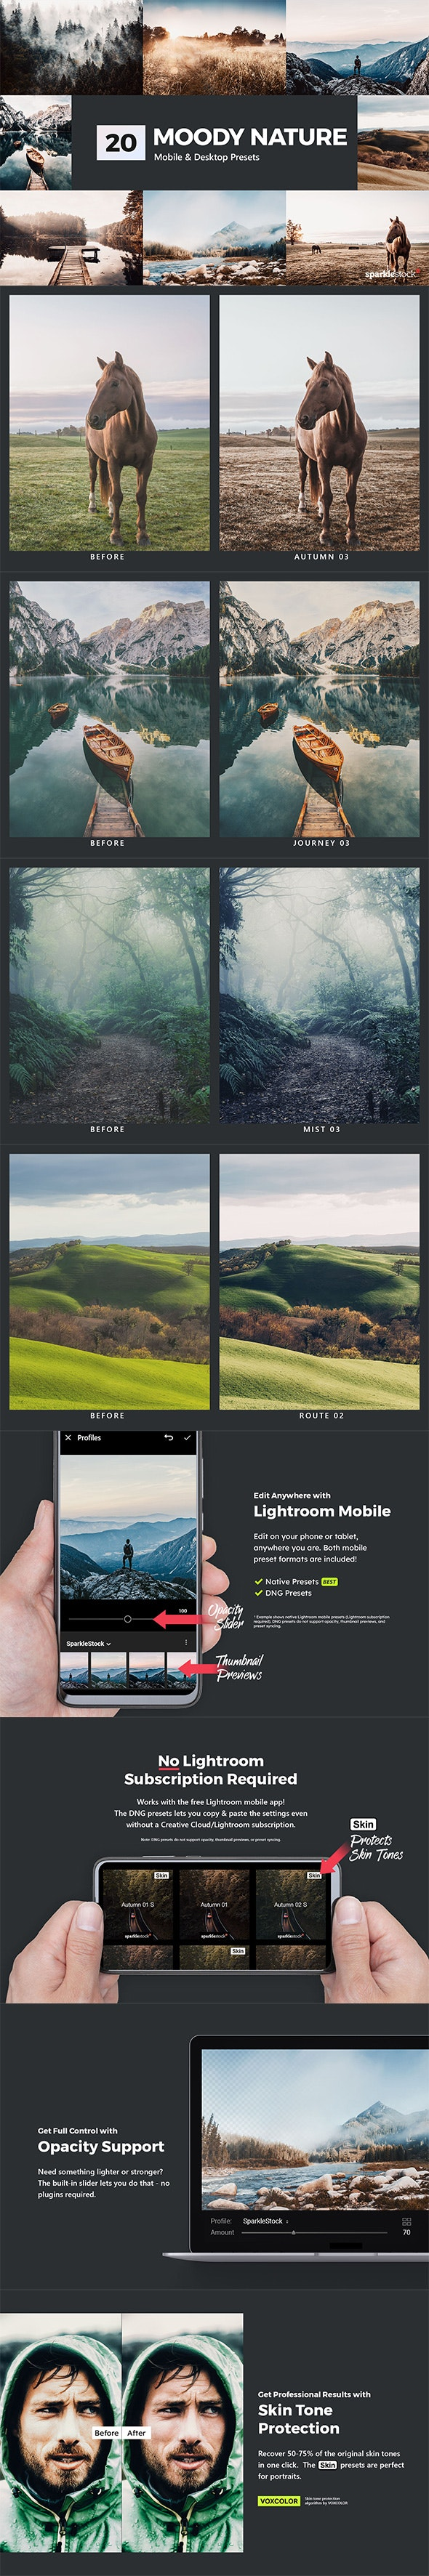 20 Moody Nature Lightroom Presets & LUTs - Landscape Lightroom Presets